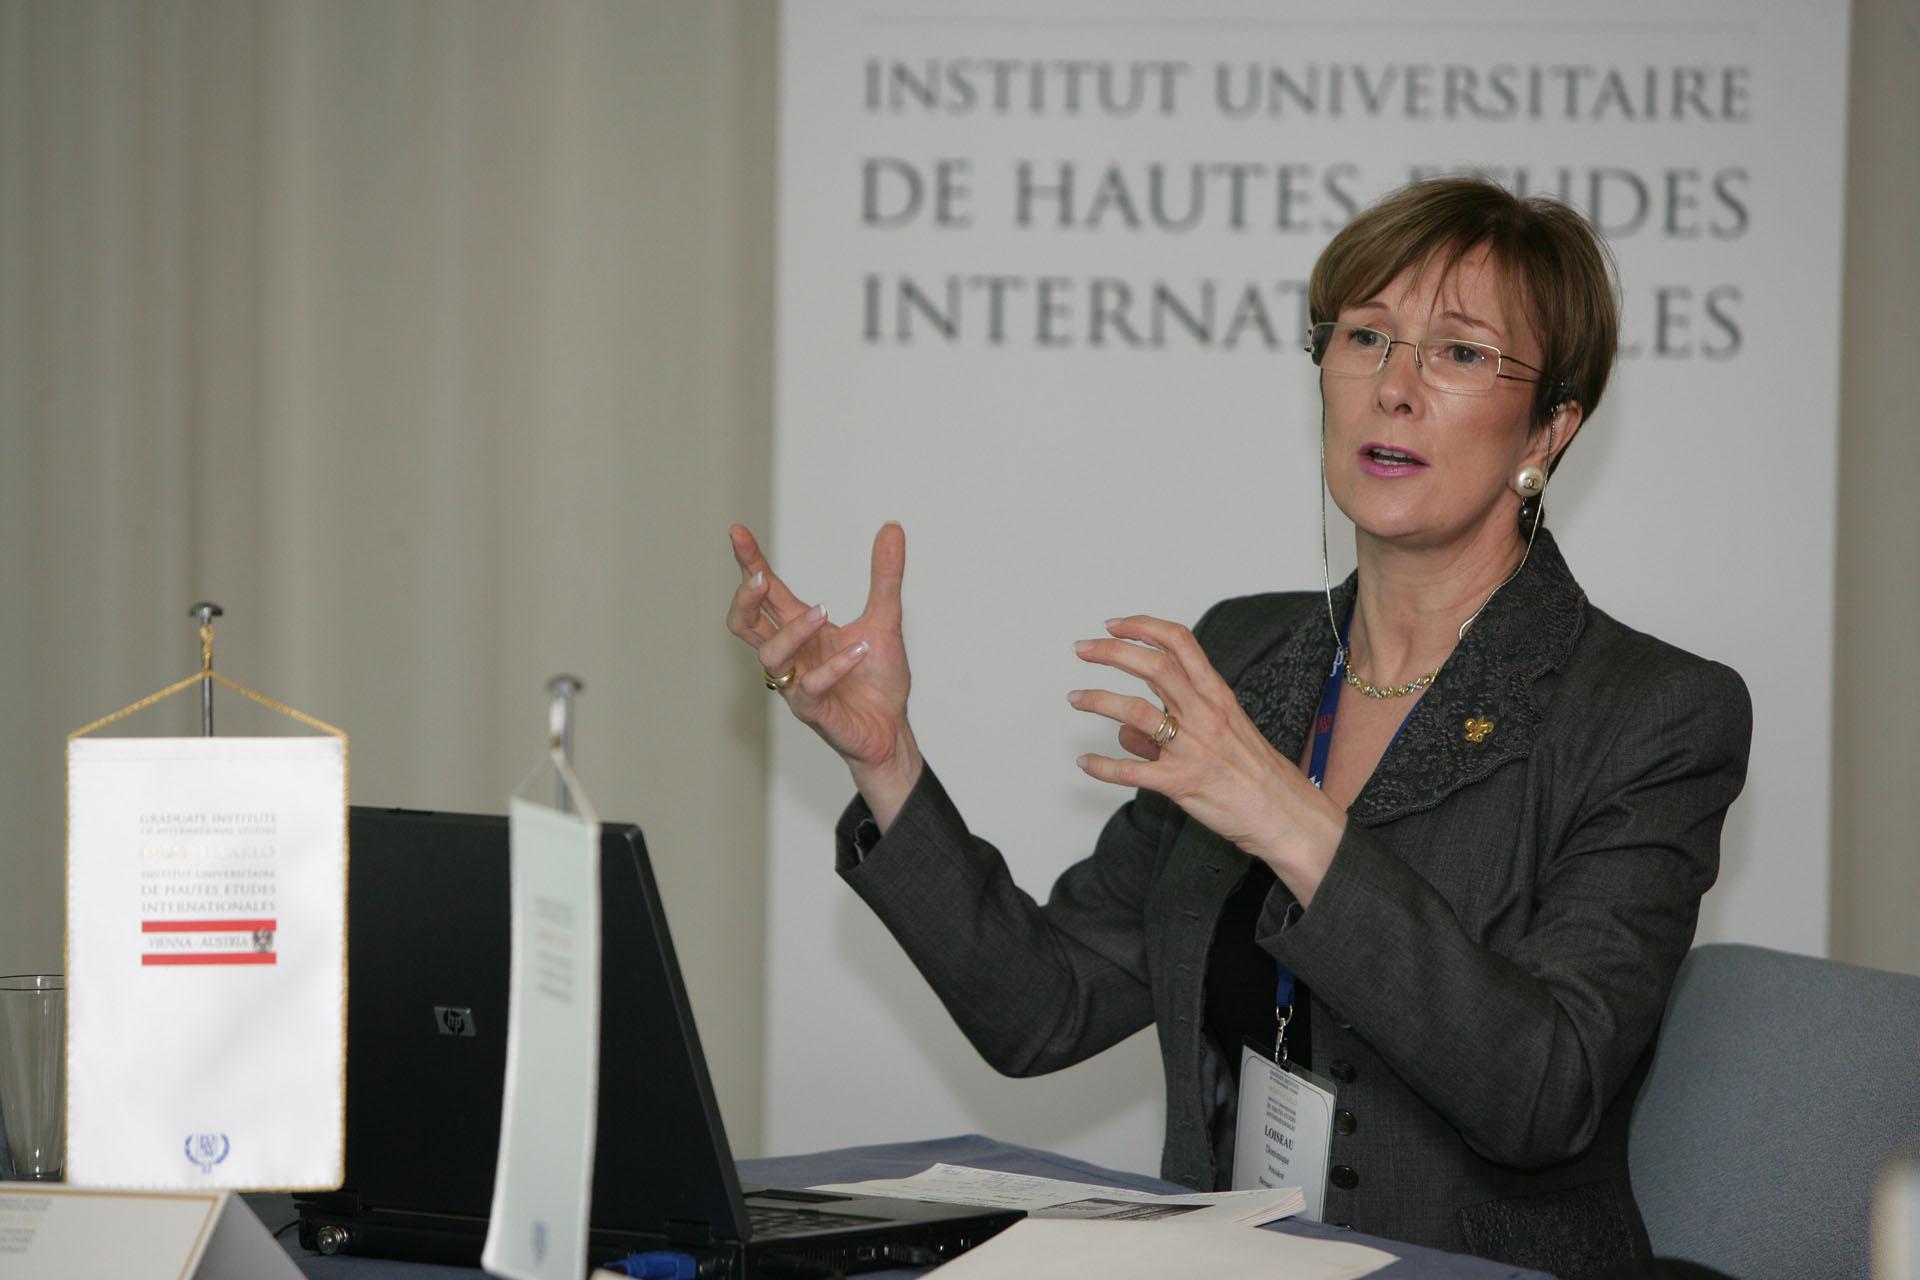 IUHEI Crans Montana Institute